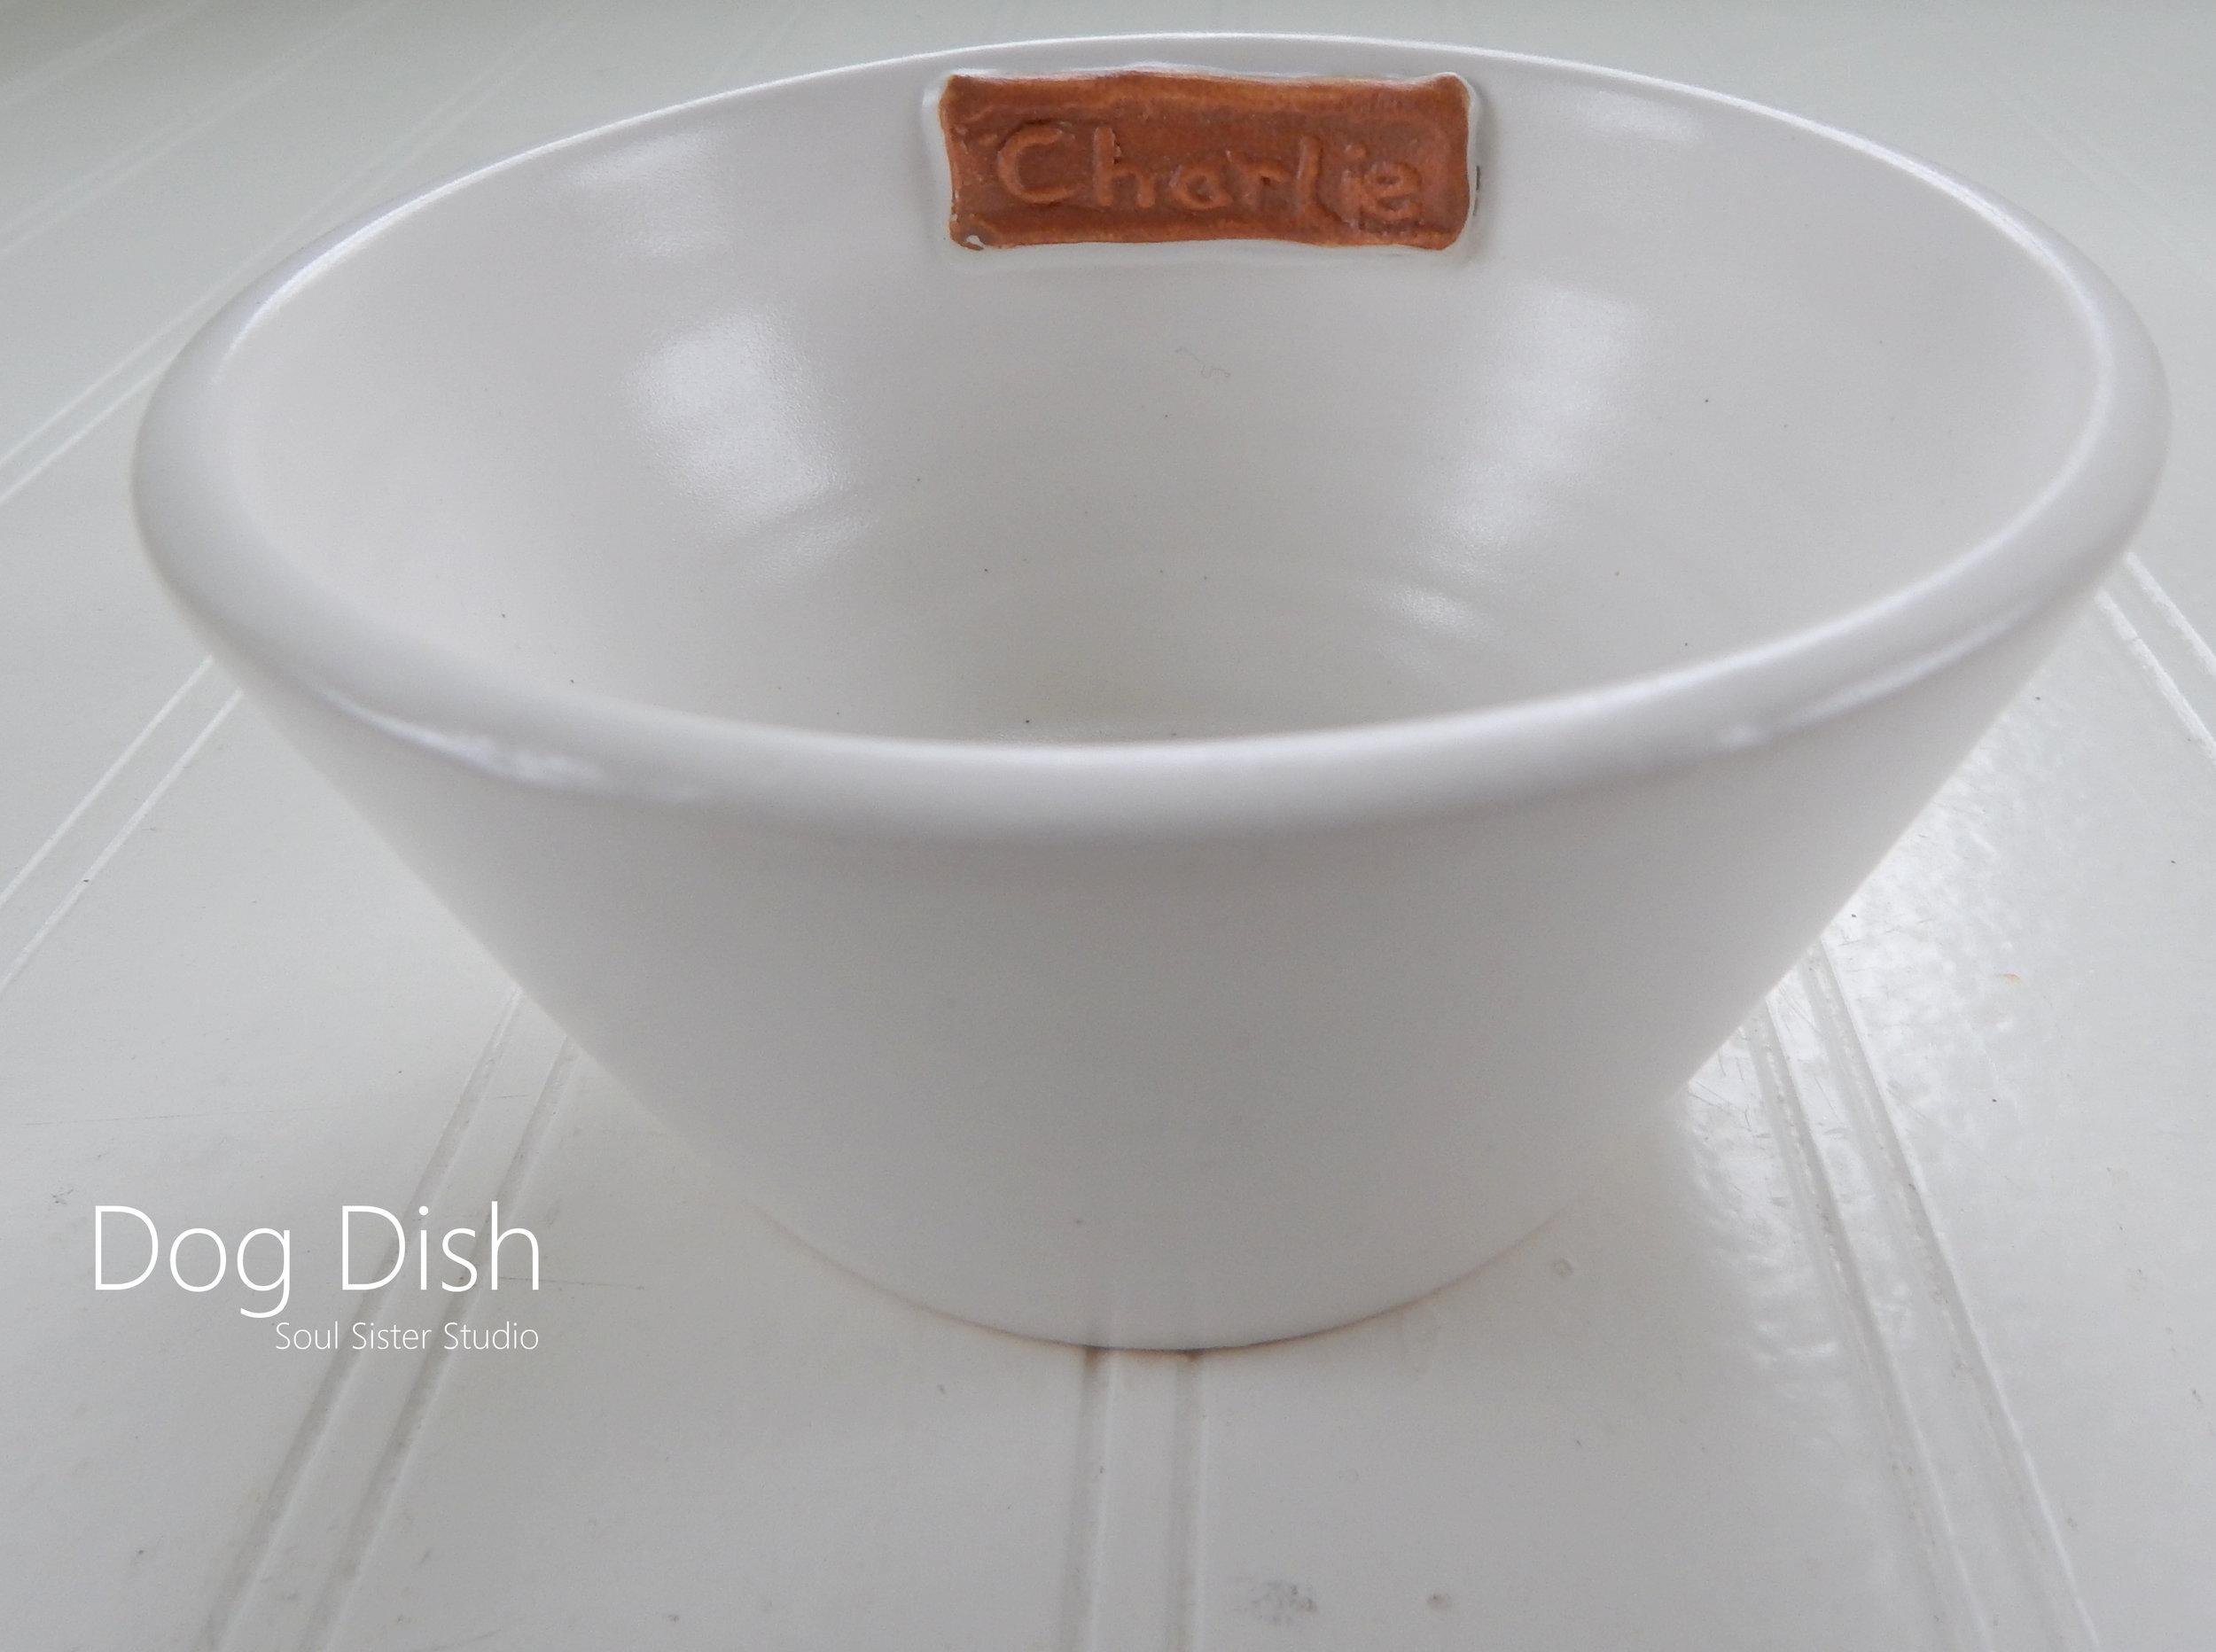 PotteryWhiteCharlieDogDish.jpg